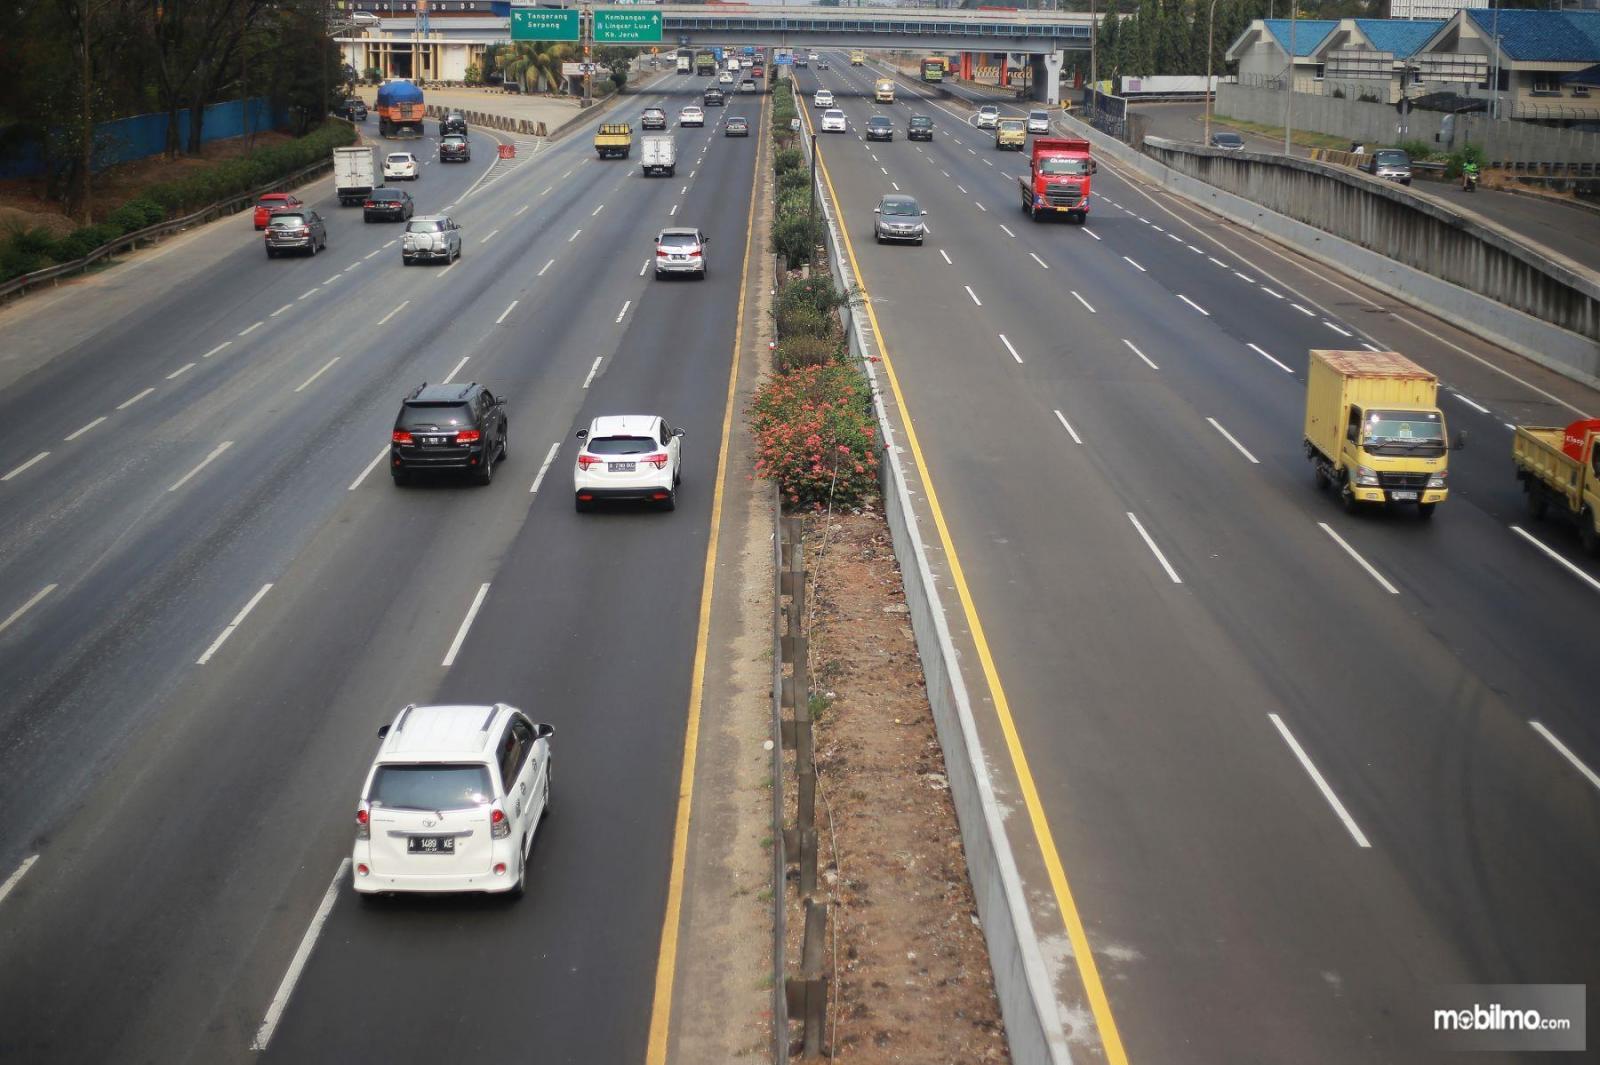 Foto menunjukkan situasi lalu lintas di Jalan Tol Jakarta-Tangerang saat lengang